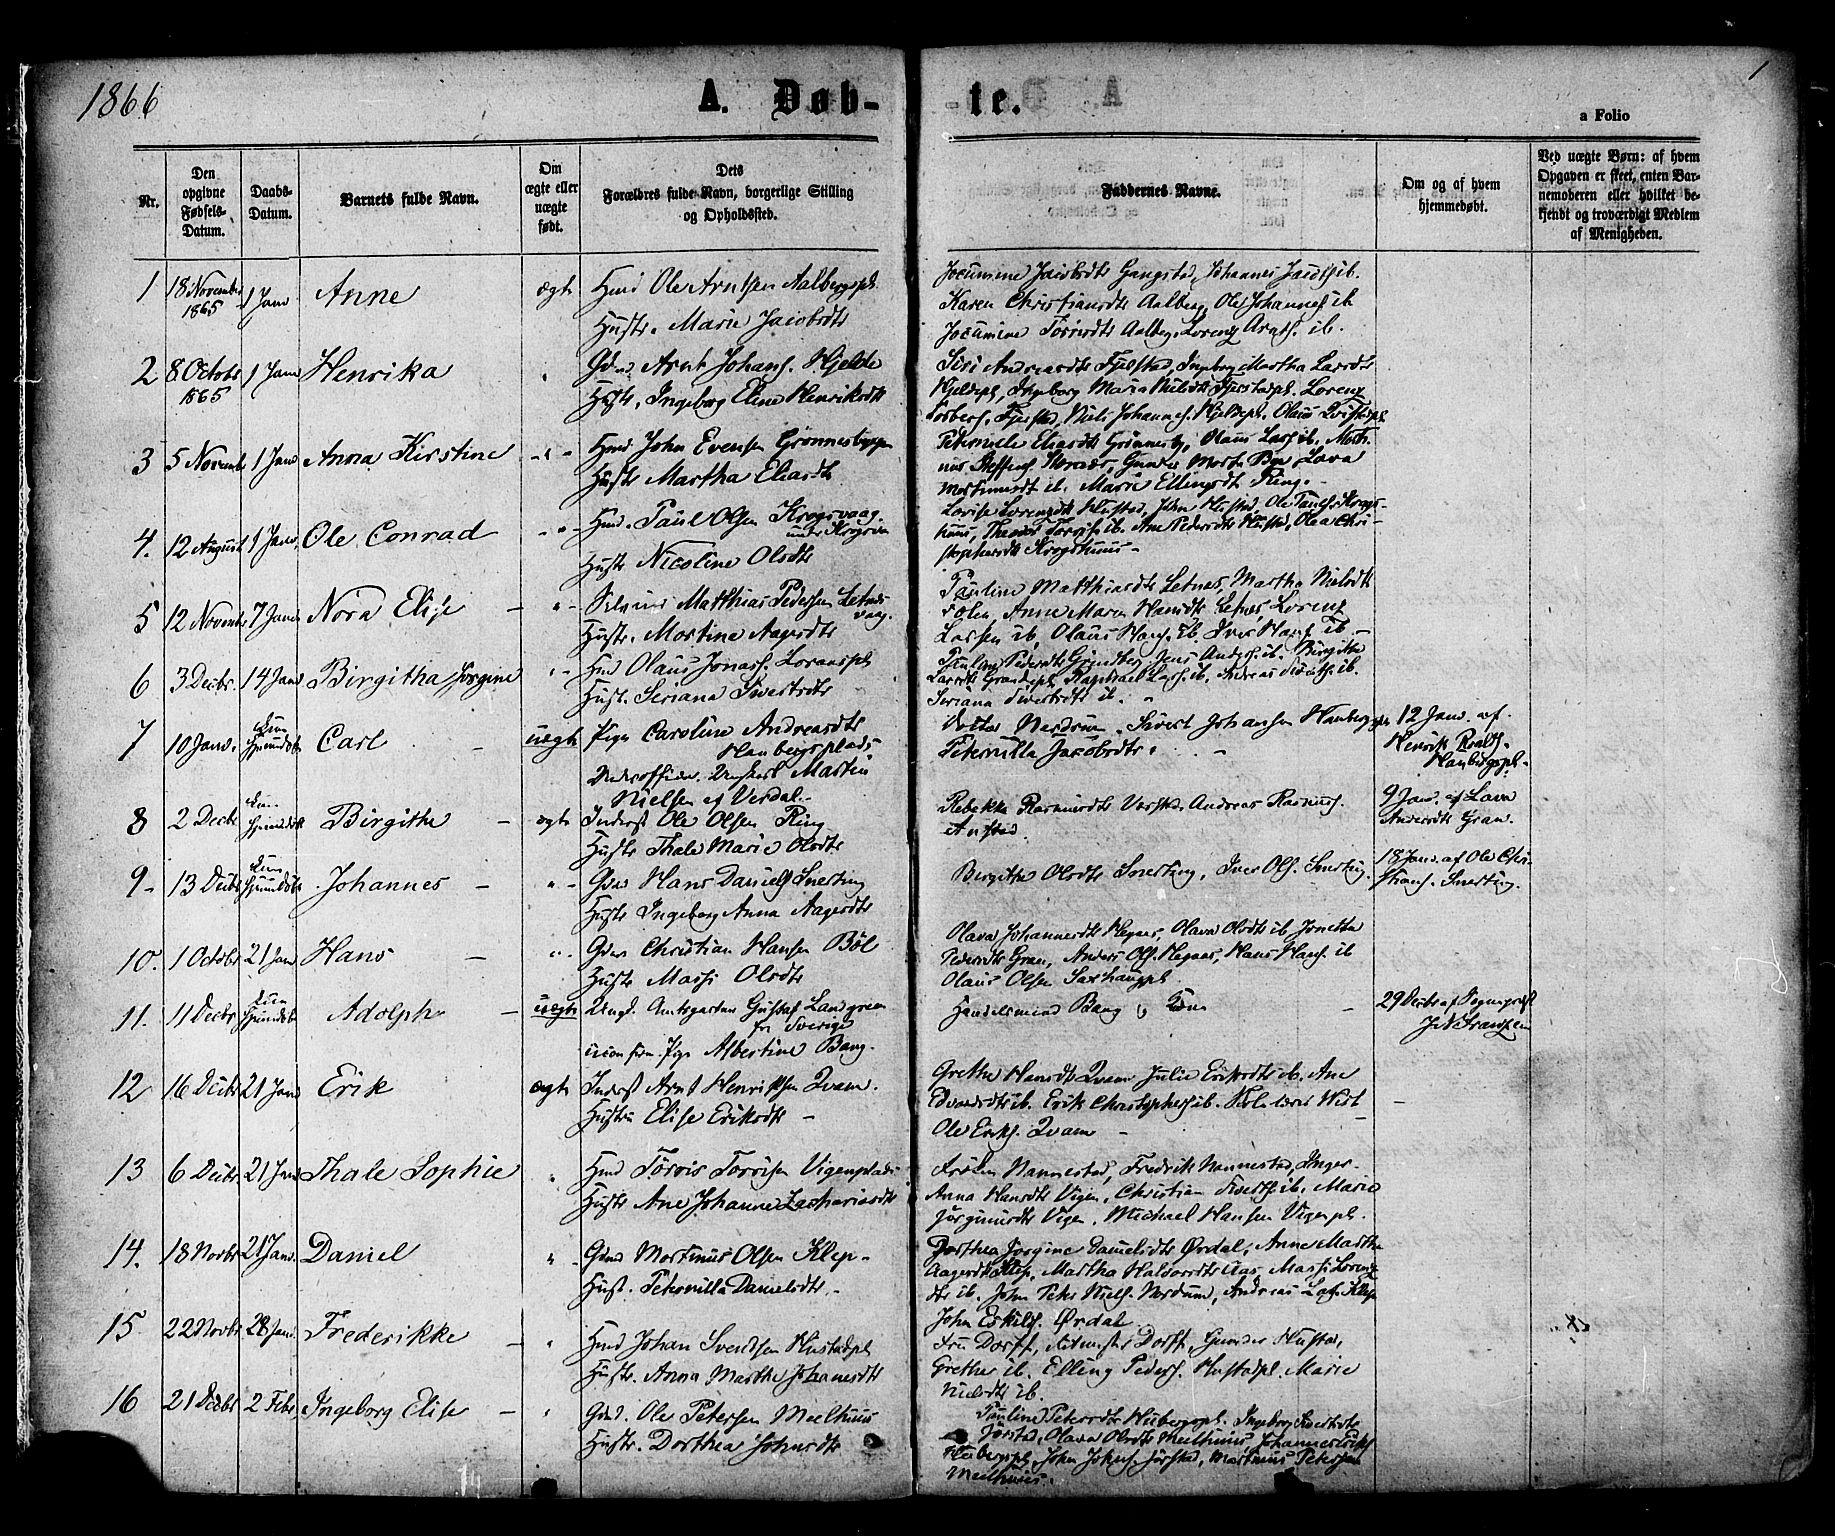 SAT, Ministerialprotokoller, klokkerbøker og fødselsregistre - Nord-Trøndelag, 730/L0284: Ministerialbok nr. 730A09, 1866-1878, s. 1